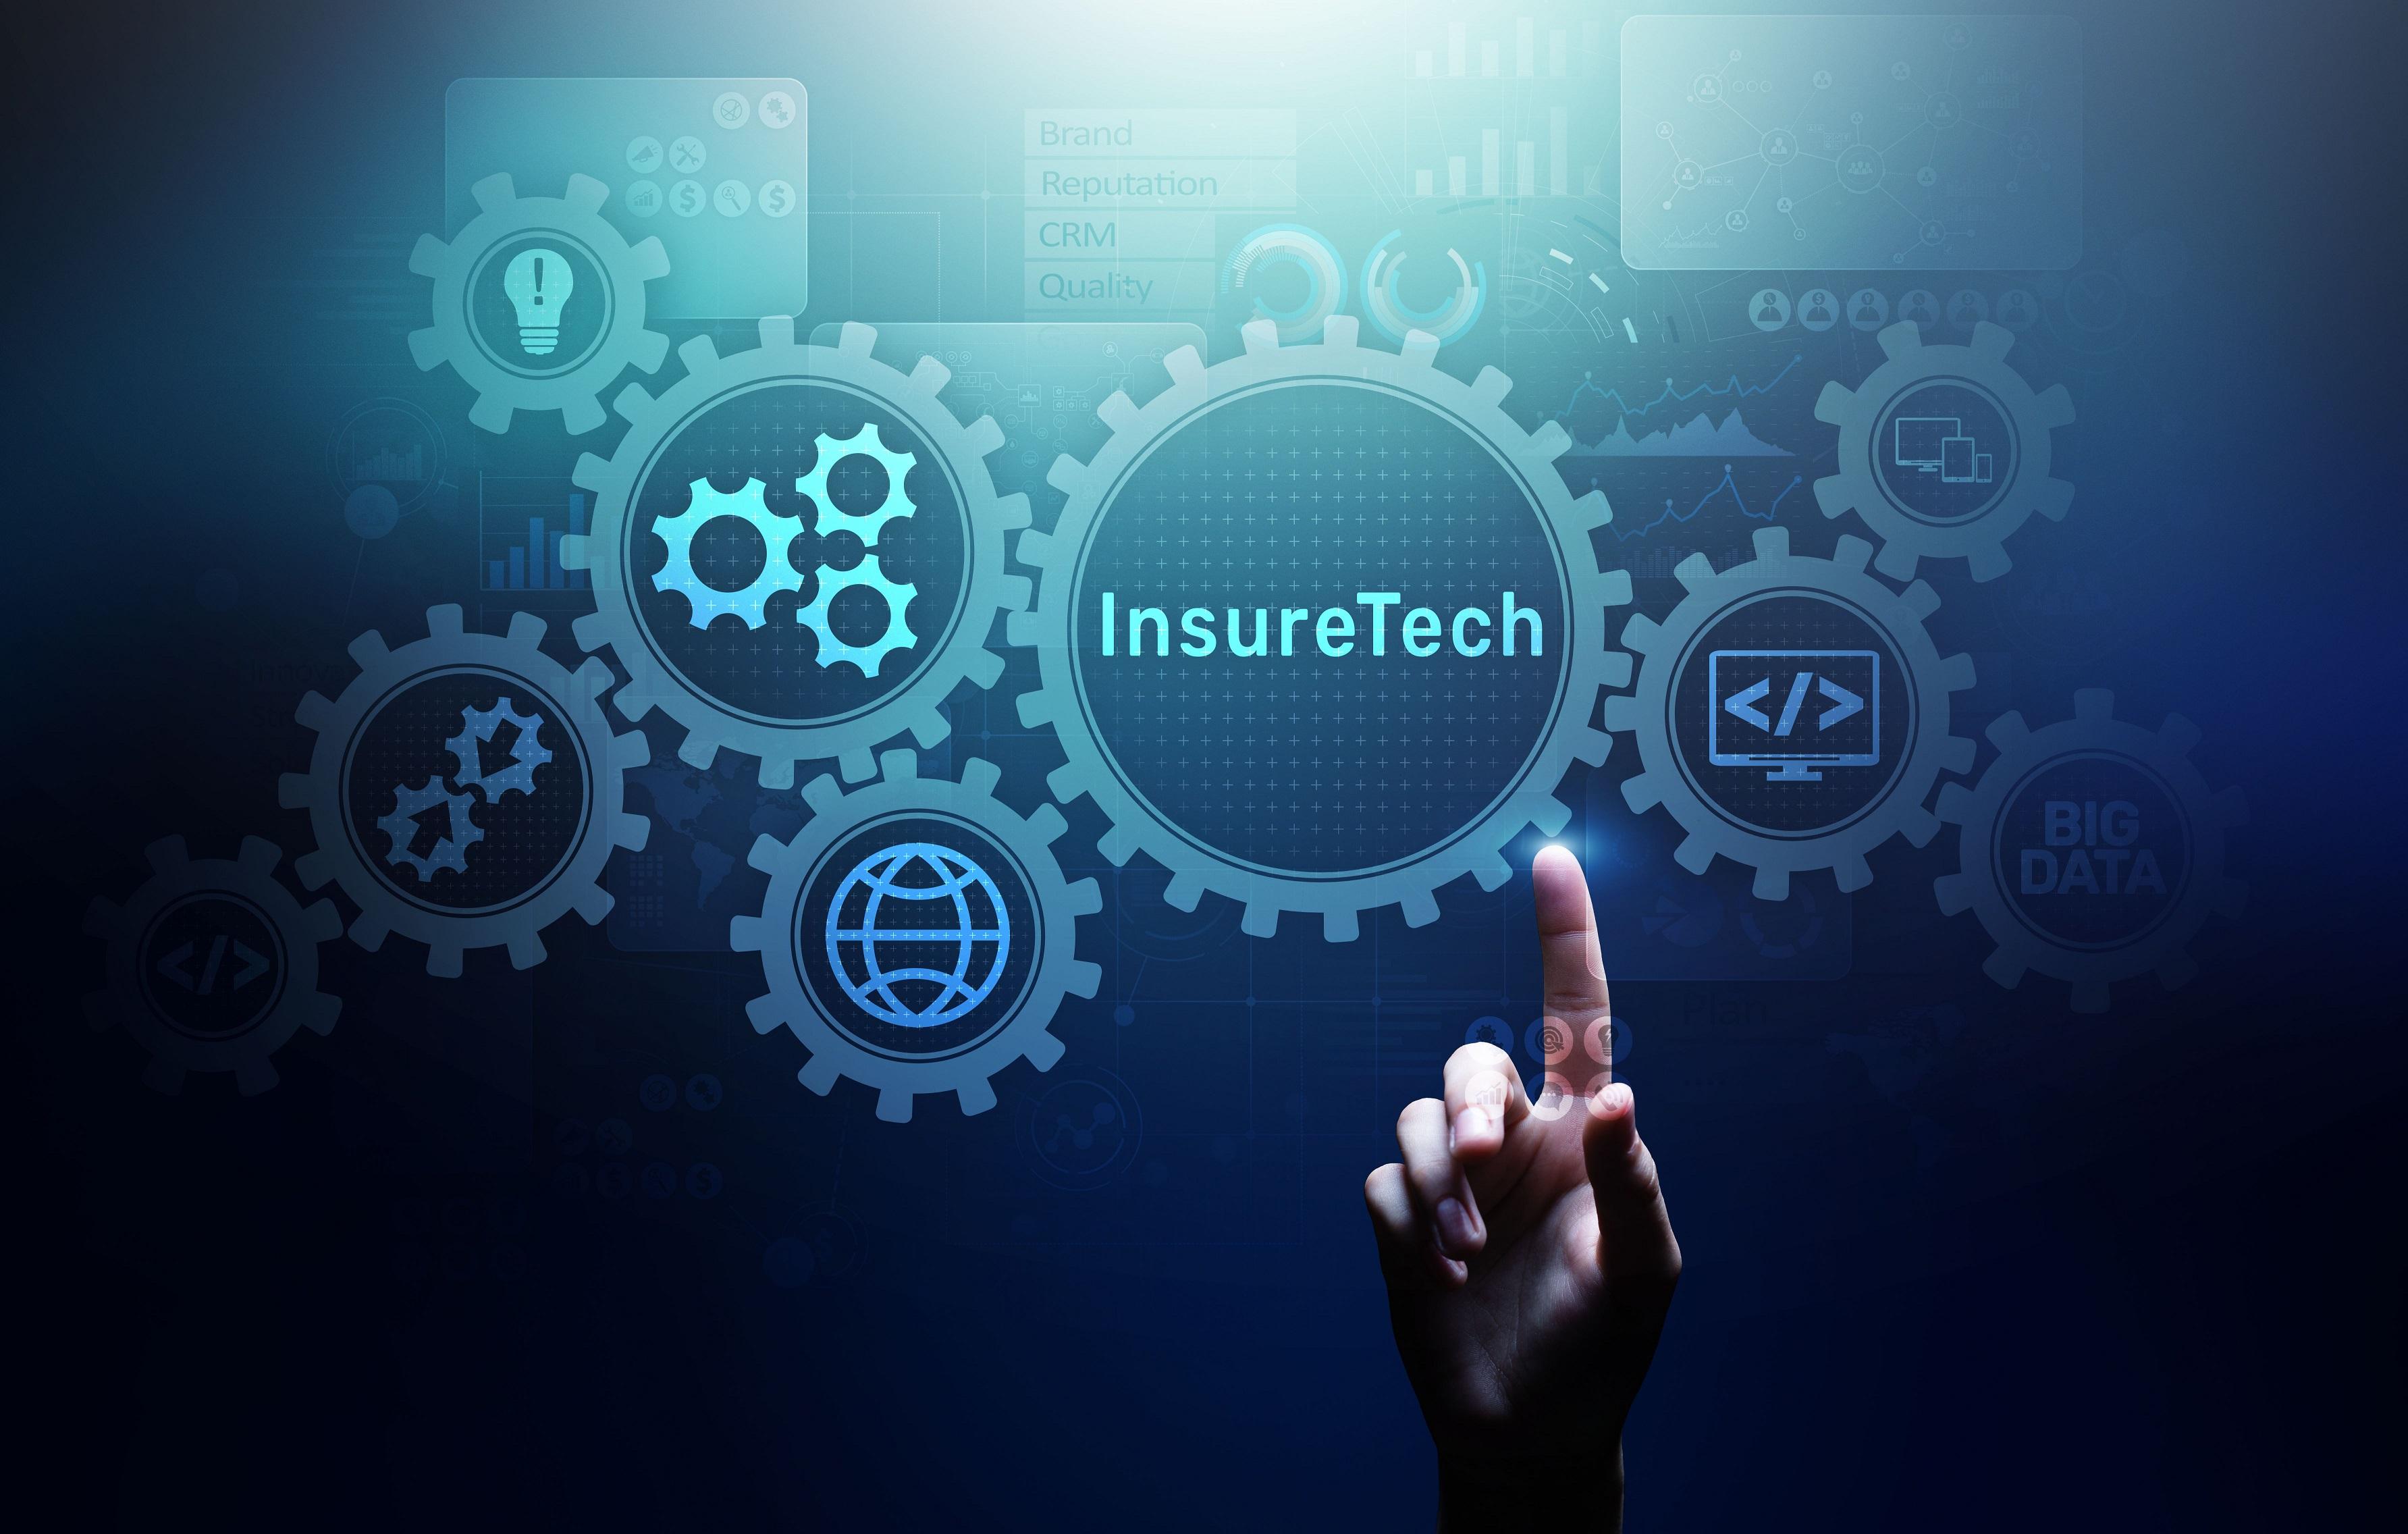 创新与合规并行驱动,众安科技解决方案助力保险线上化